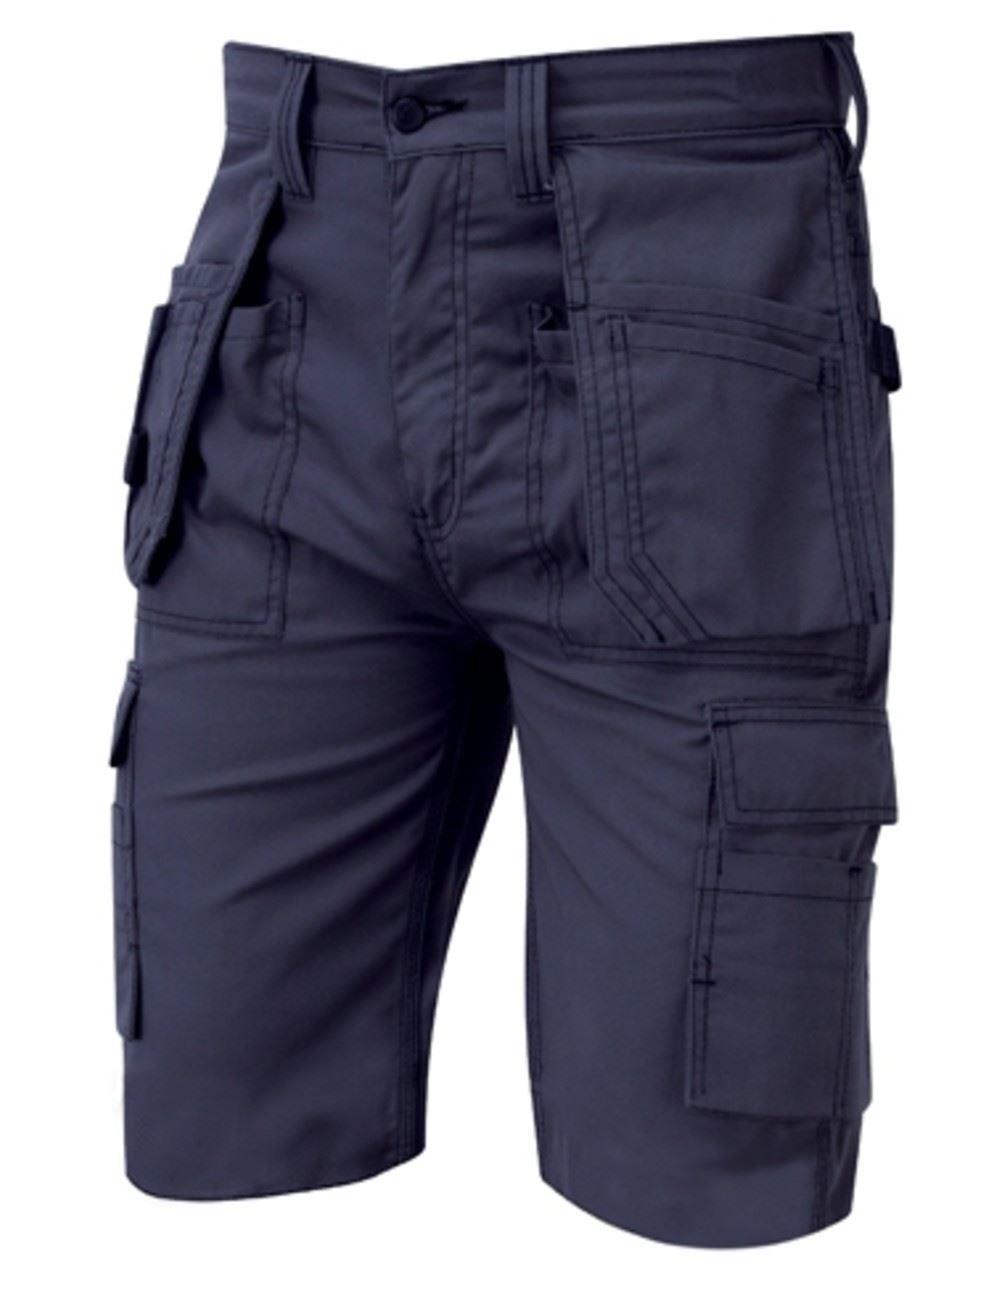 Orn Merlin Tradesman Shorts - Navy|50